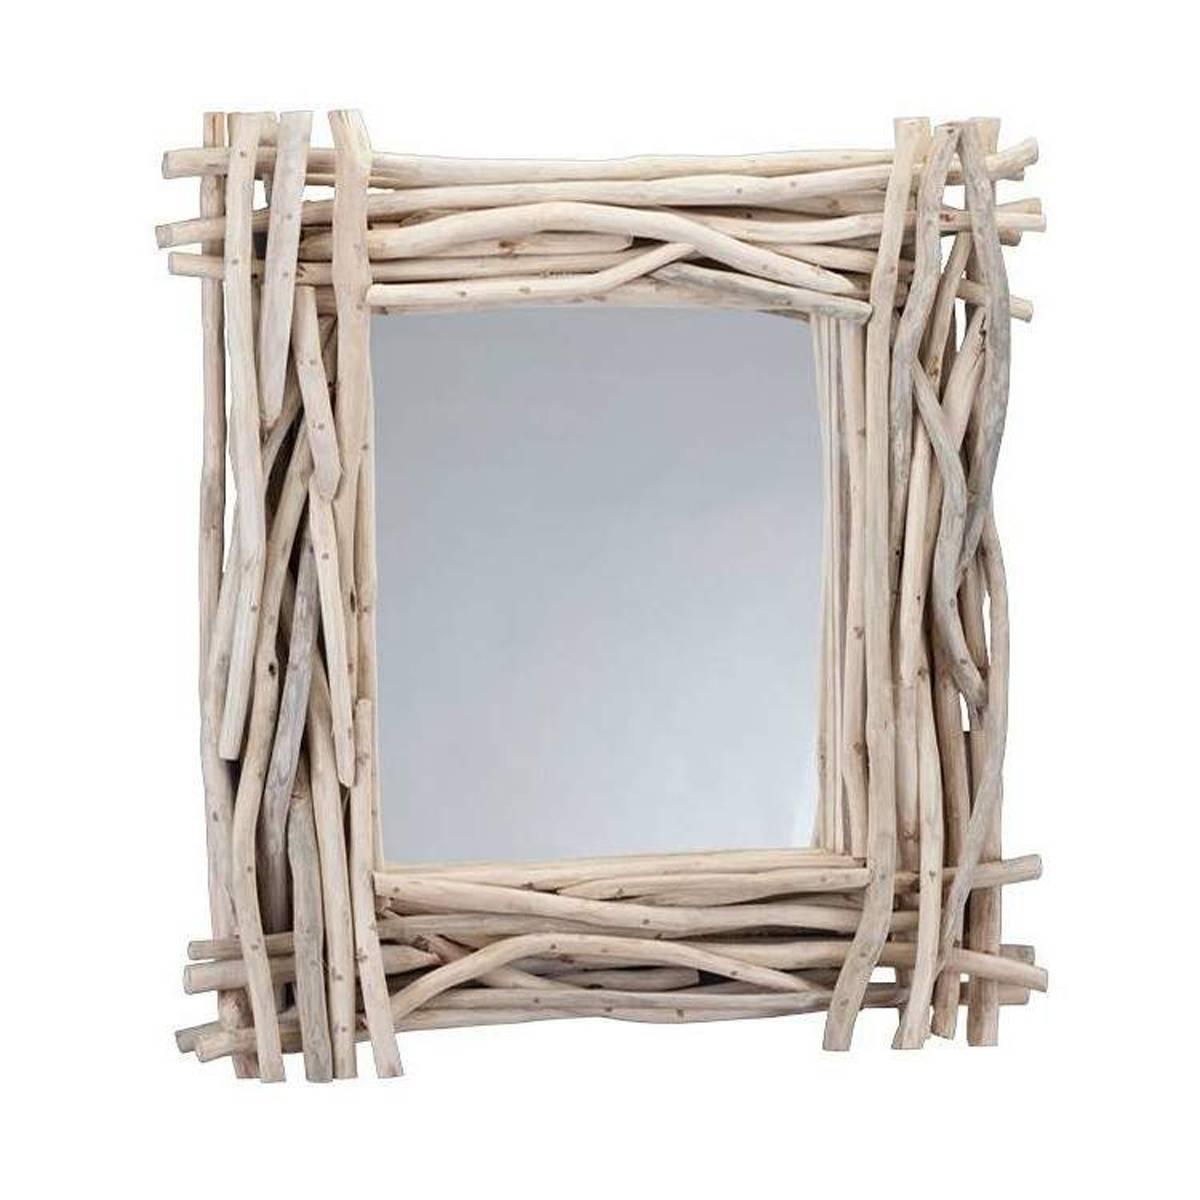 CIPI Suar Specchio Design Accessori Arredo Casa Legno Vetro